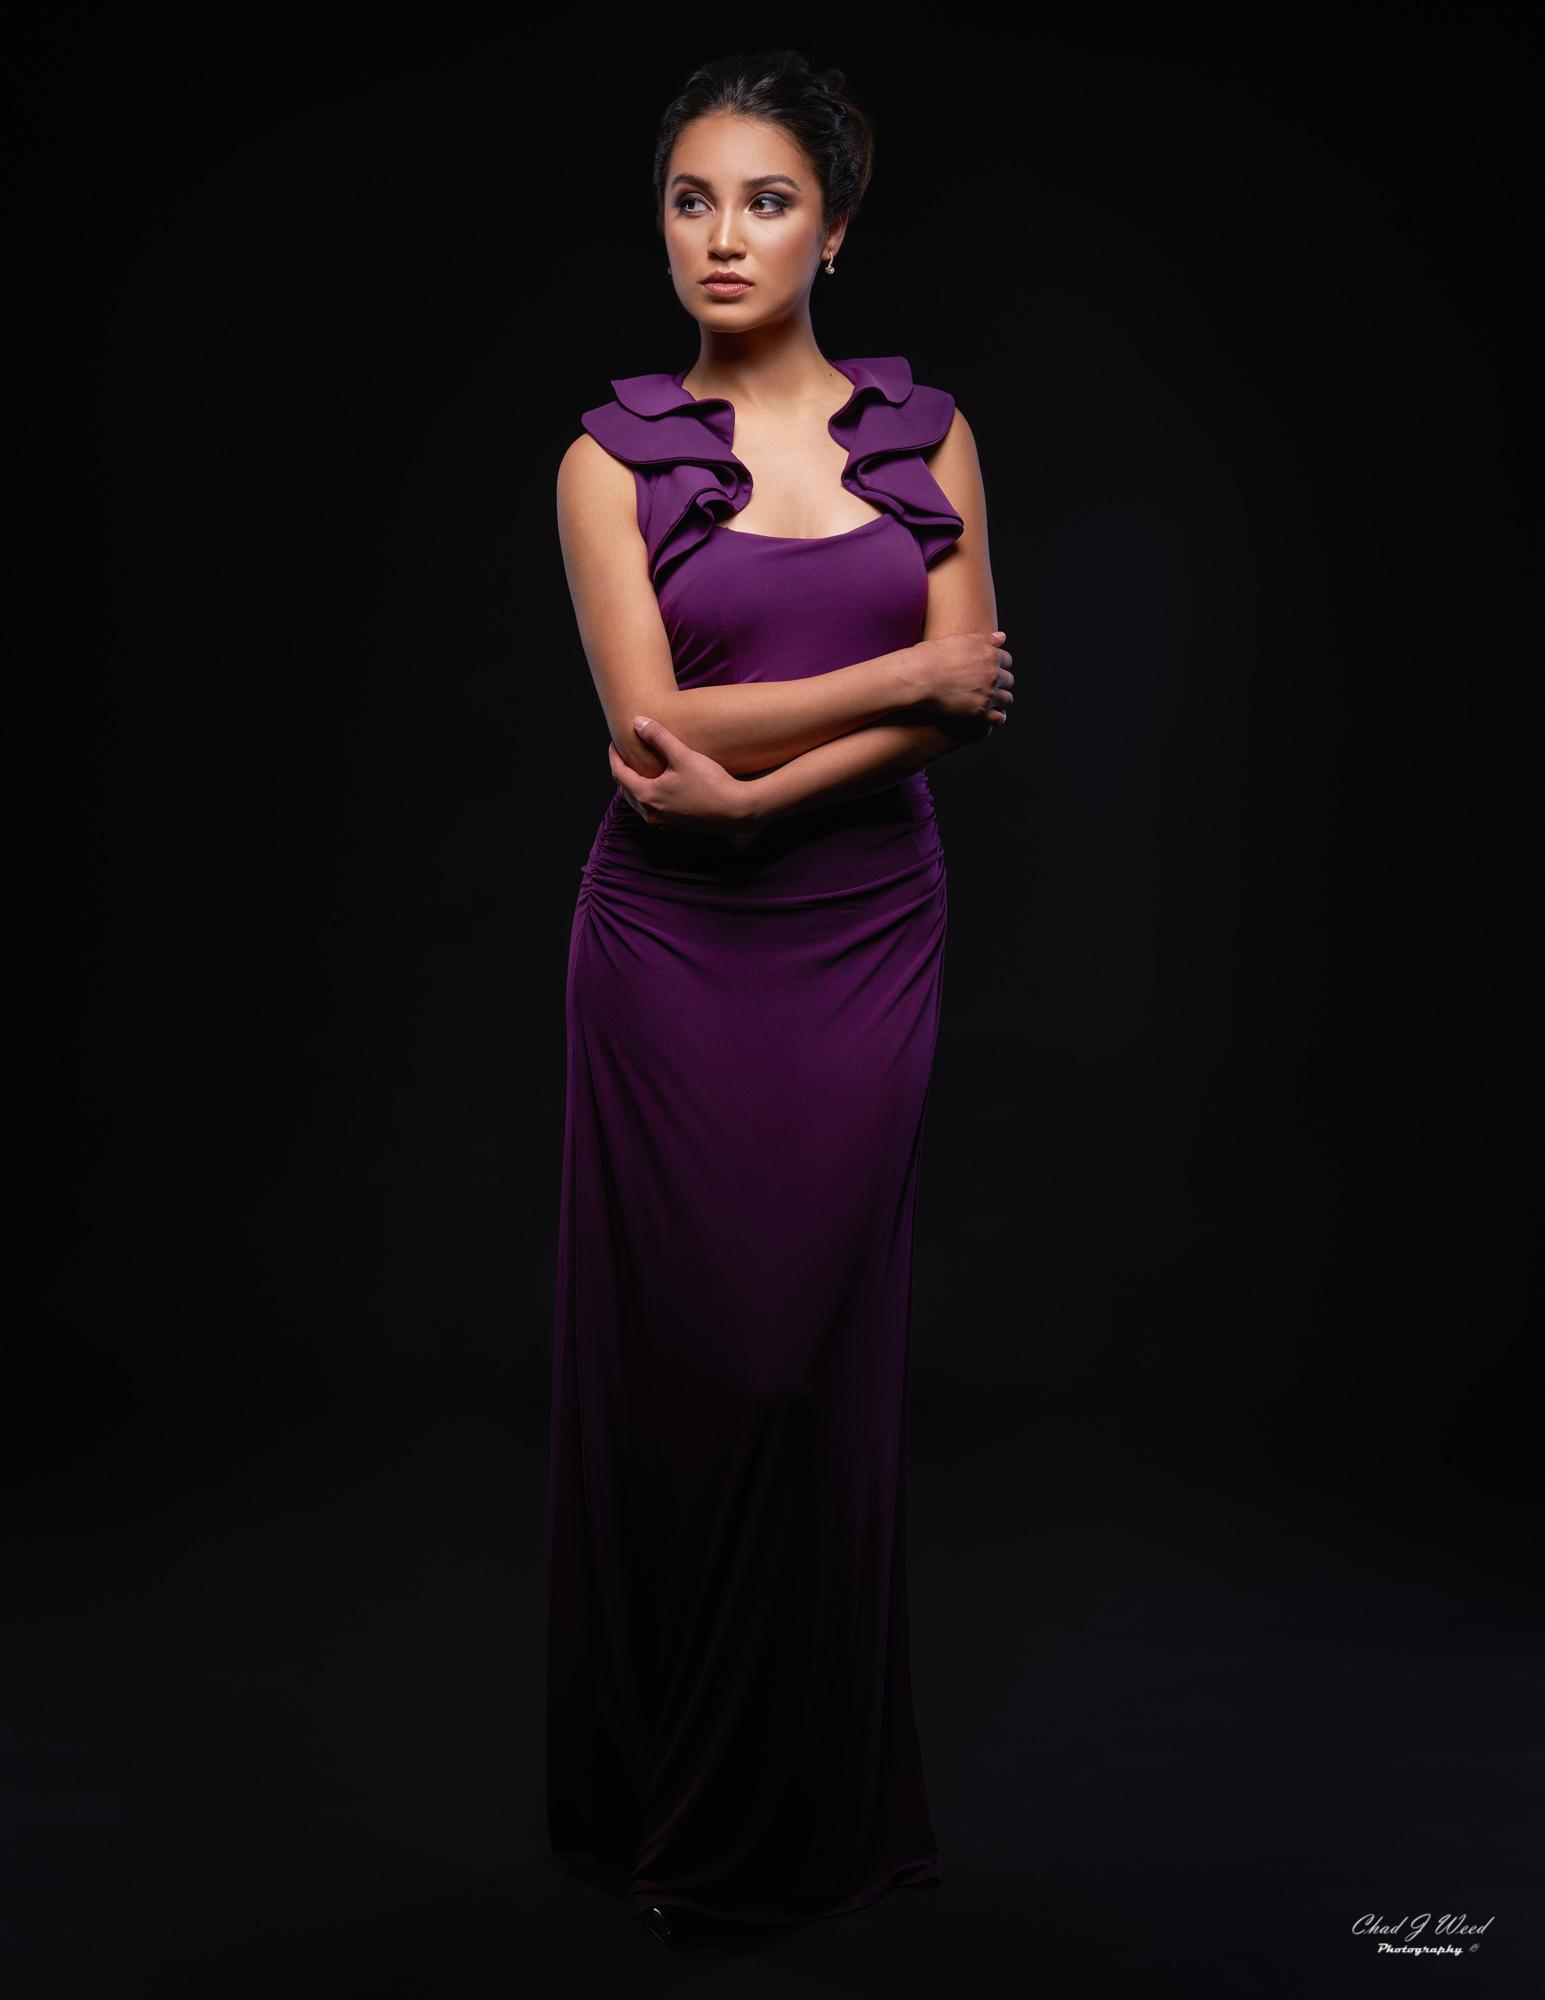 Zari Glamour Model by Mesa Arizona Fashion Photographer Chad Weed